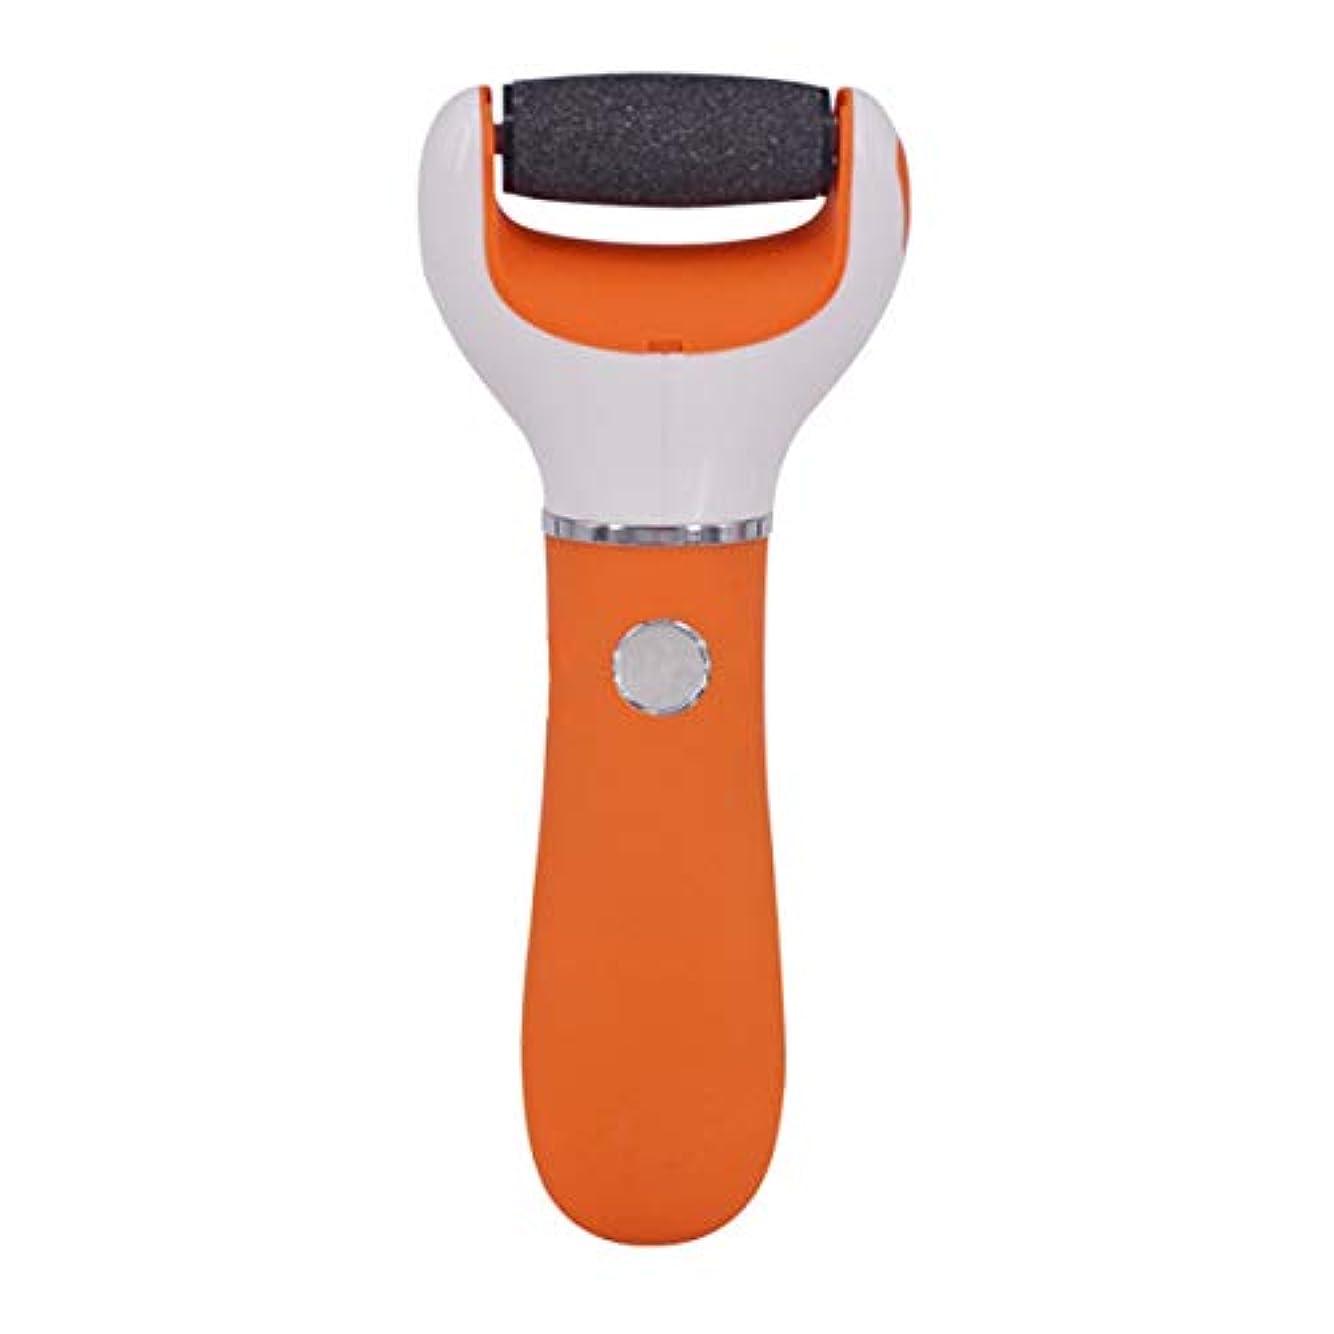 メガロポリス着服驚かす電気足ファイルデバイスの充電式電気ペディキュアデバイスは、たこのペディキュアの楽器を剥離します,Orange